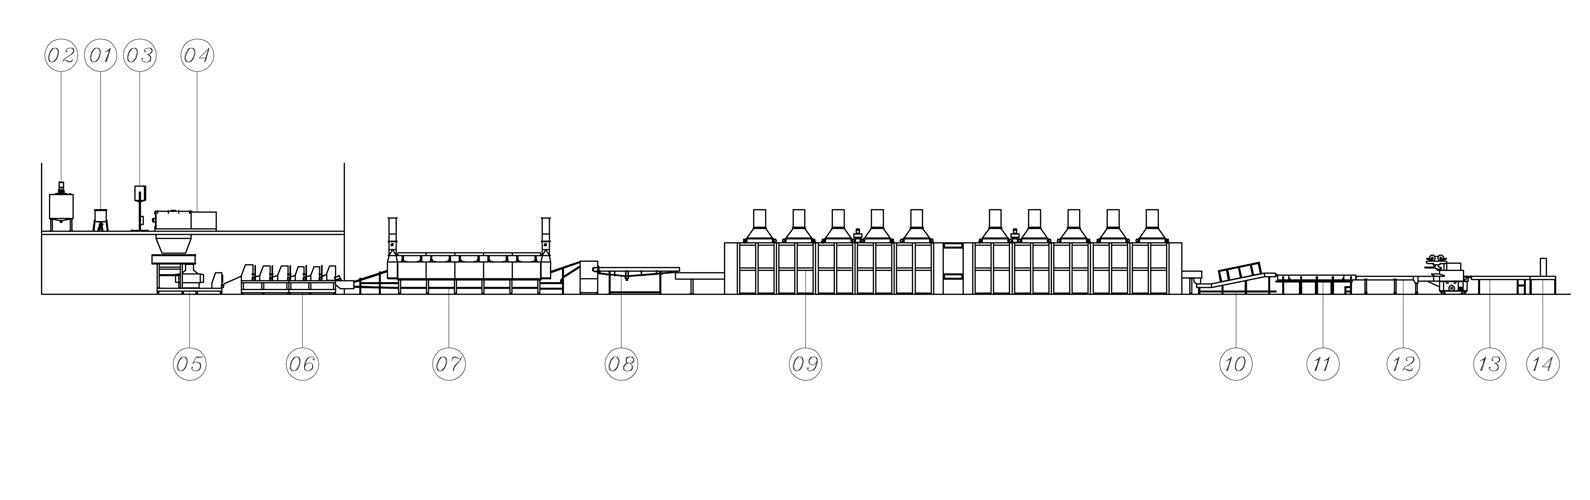 Automatic Dried Noodle (Ramen) Production Line - LTD-600 | Automatic Dried Noodle (Ramen) Production Line